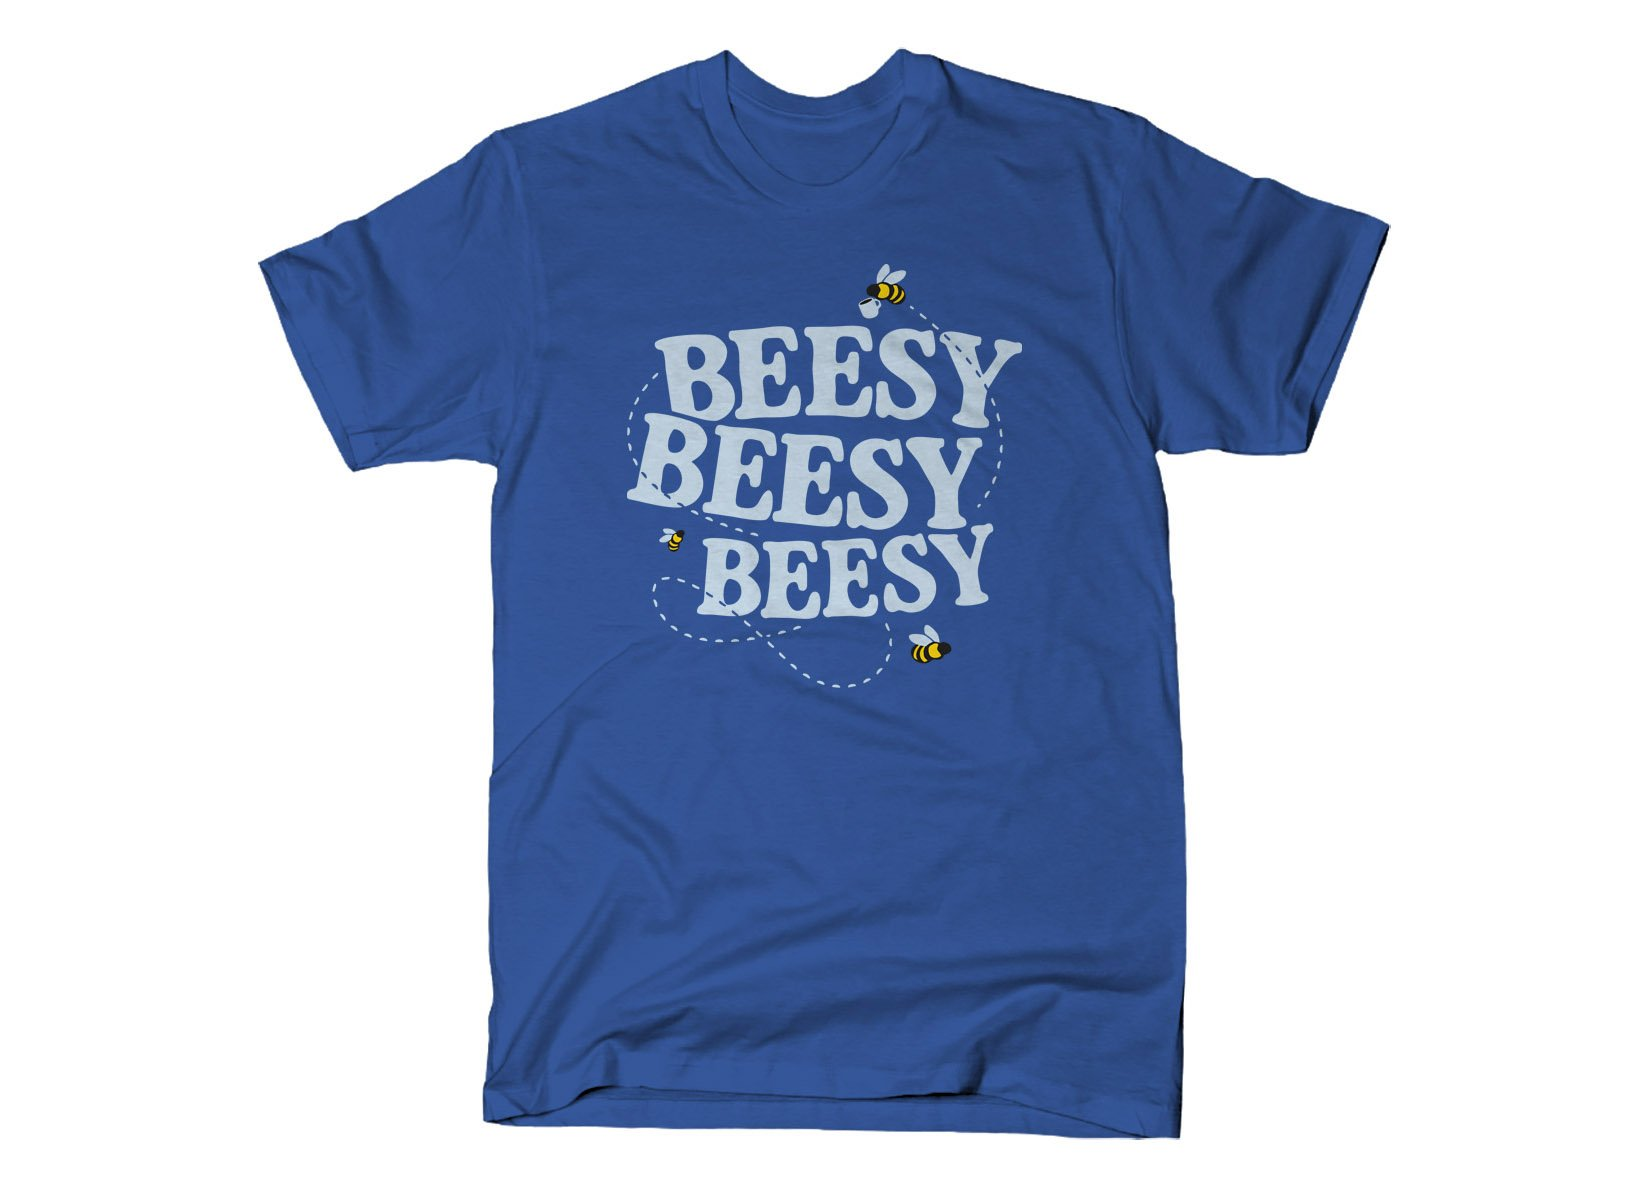 Beesy Beesy Beesy on Mens T-Shirt